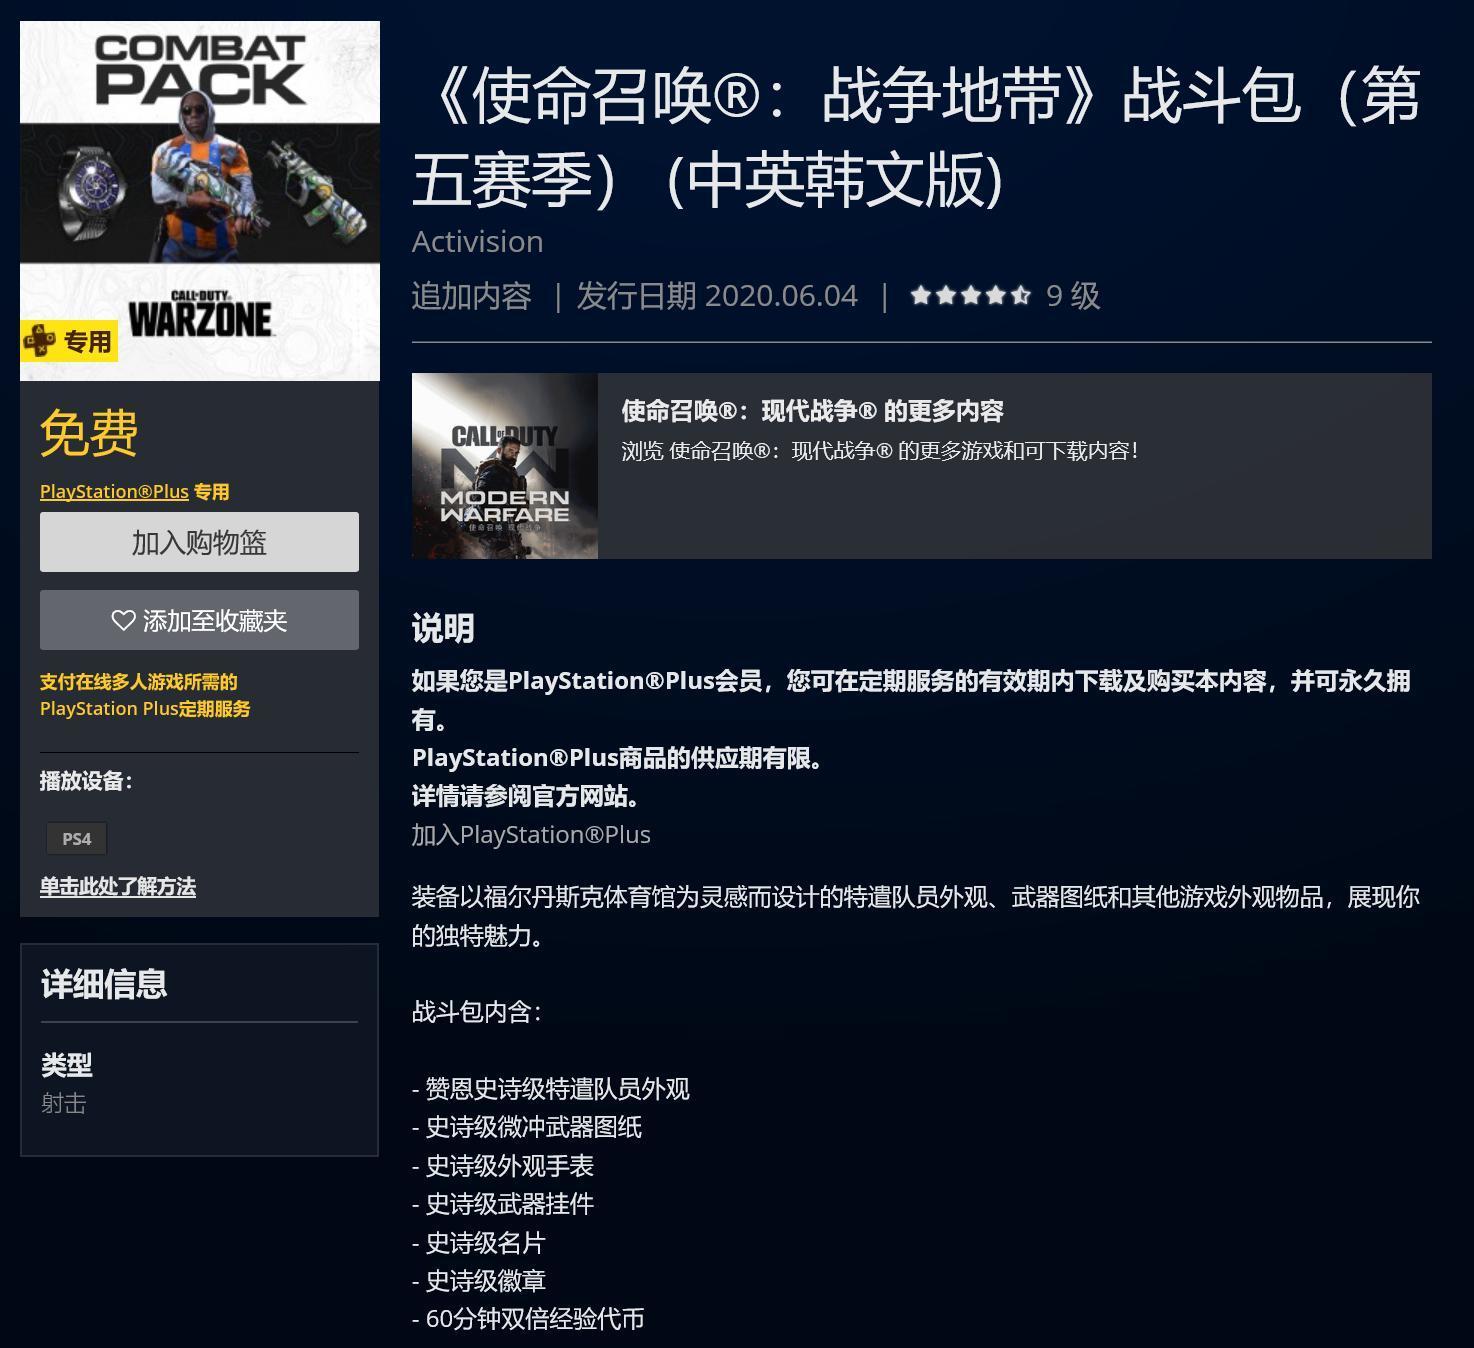 使命召唤:战区第5赛季战斗包内容一览